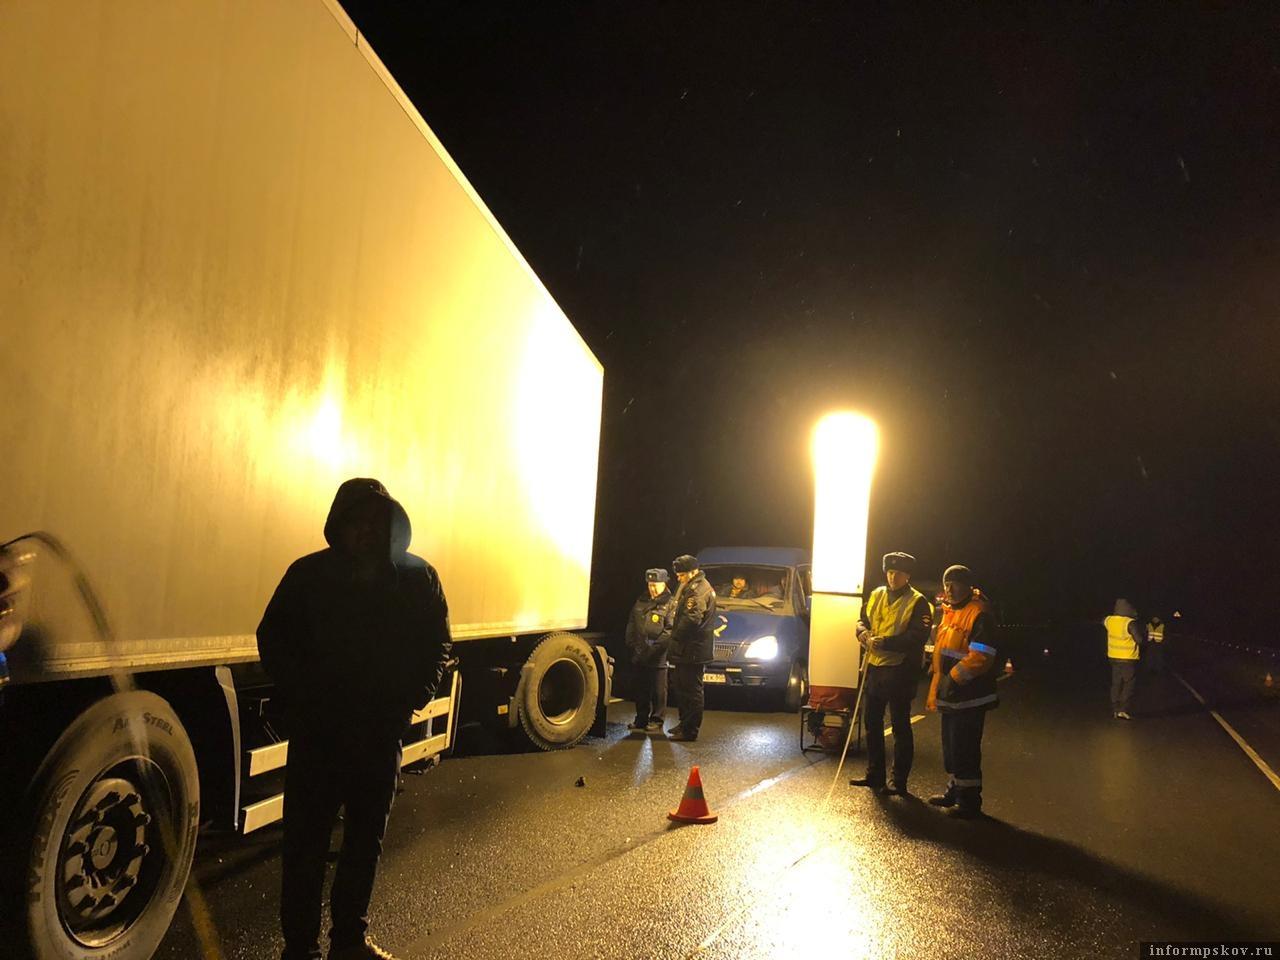 Следователи назвали официальную причину ДТП в Пустошкинском районе, в результате которого погибли 8 человек. Фото: УМВД России по Псковской области.